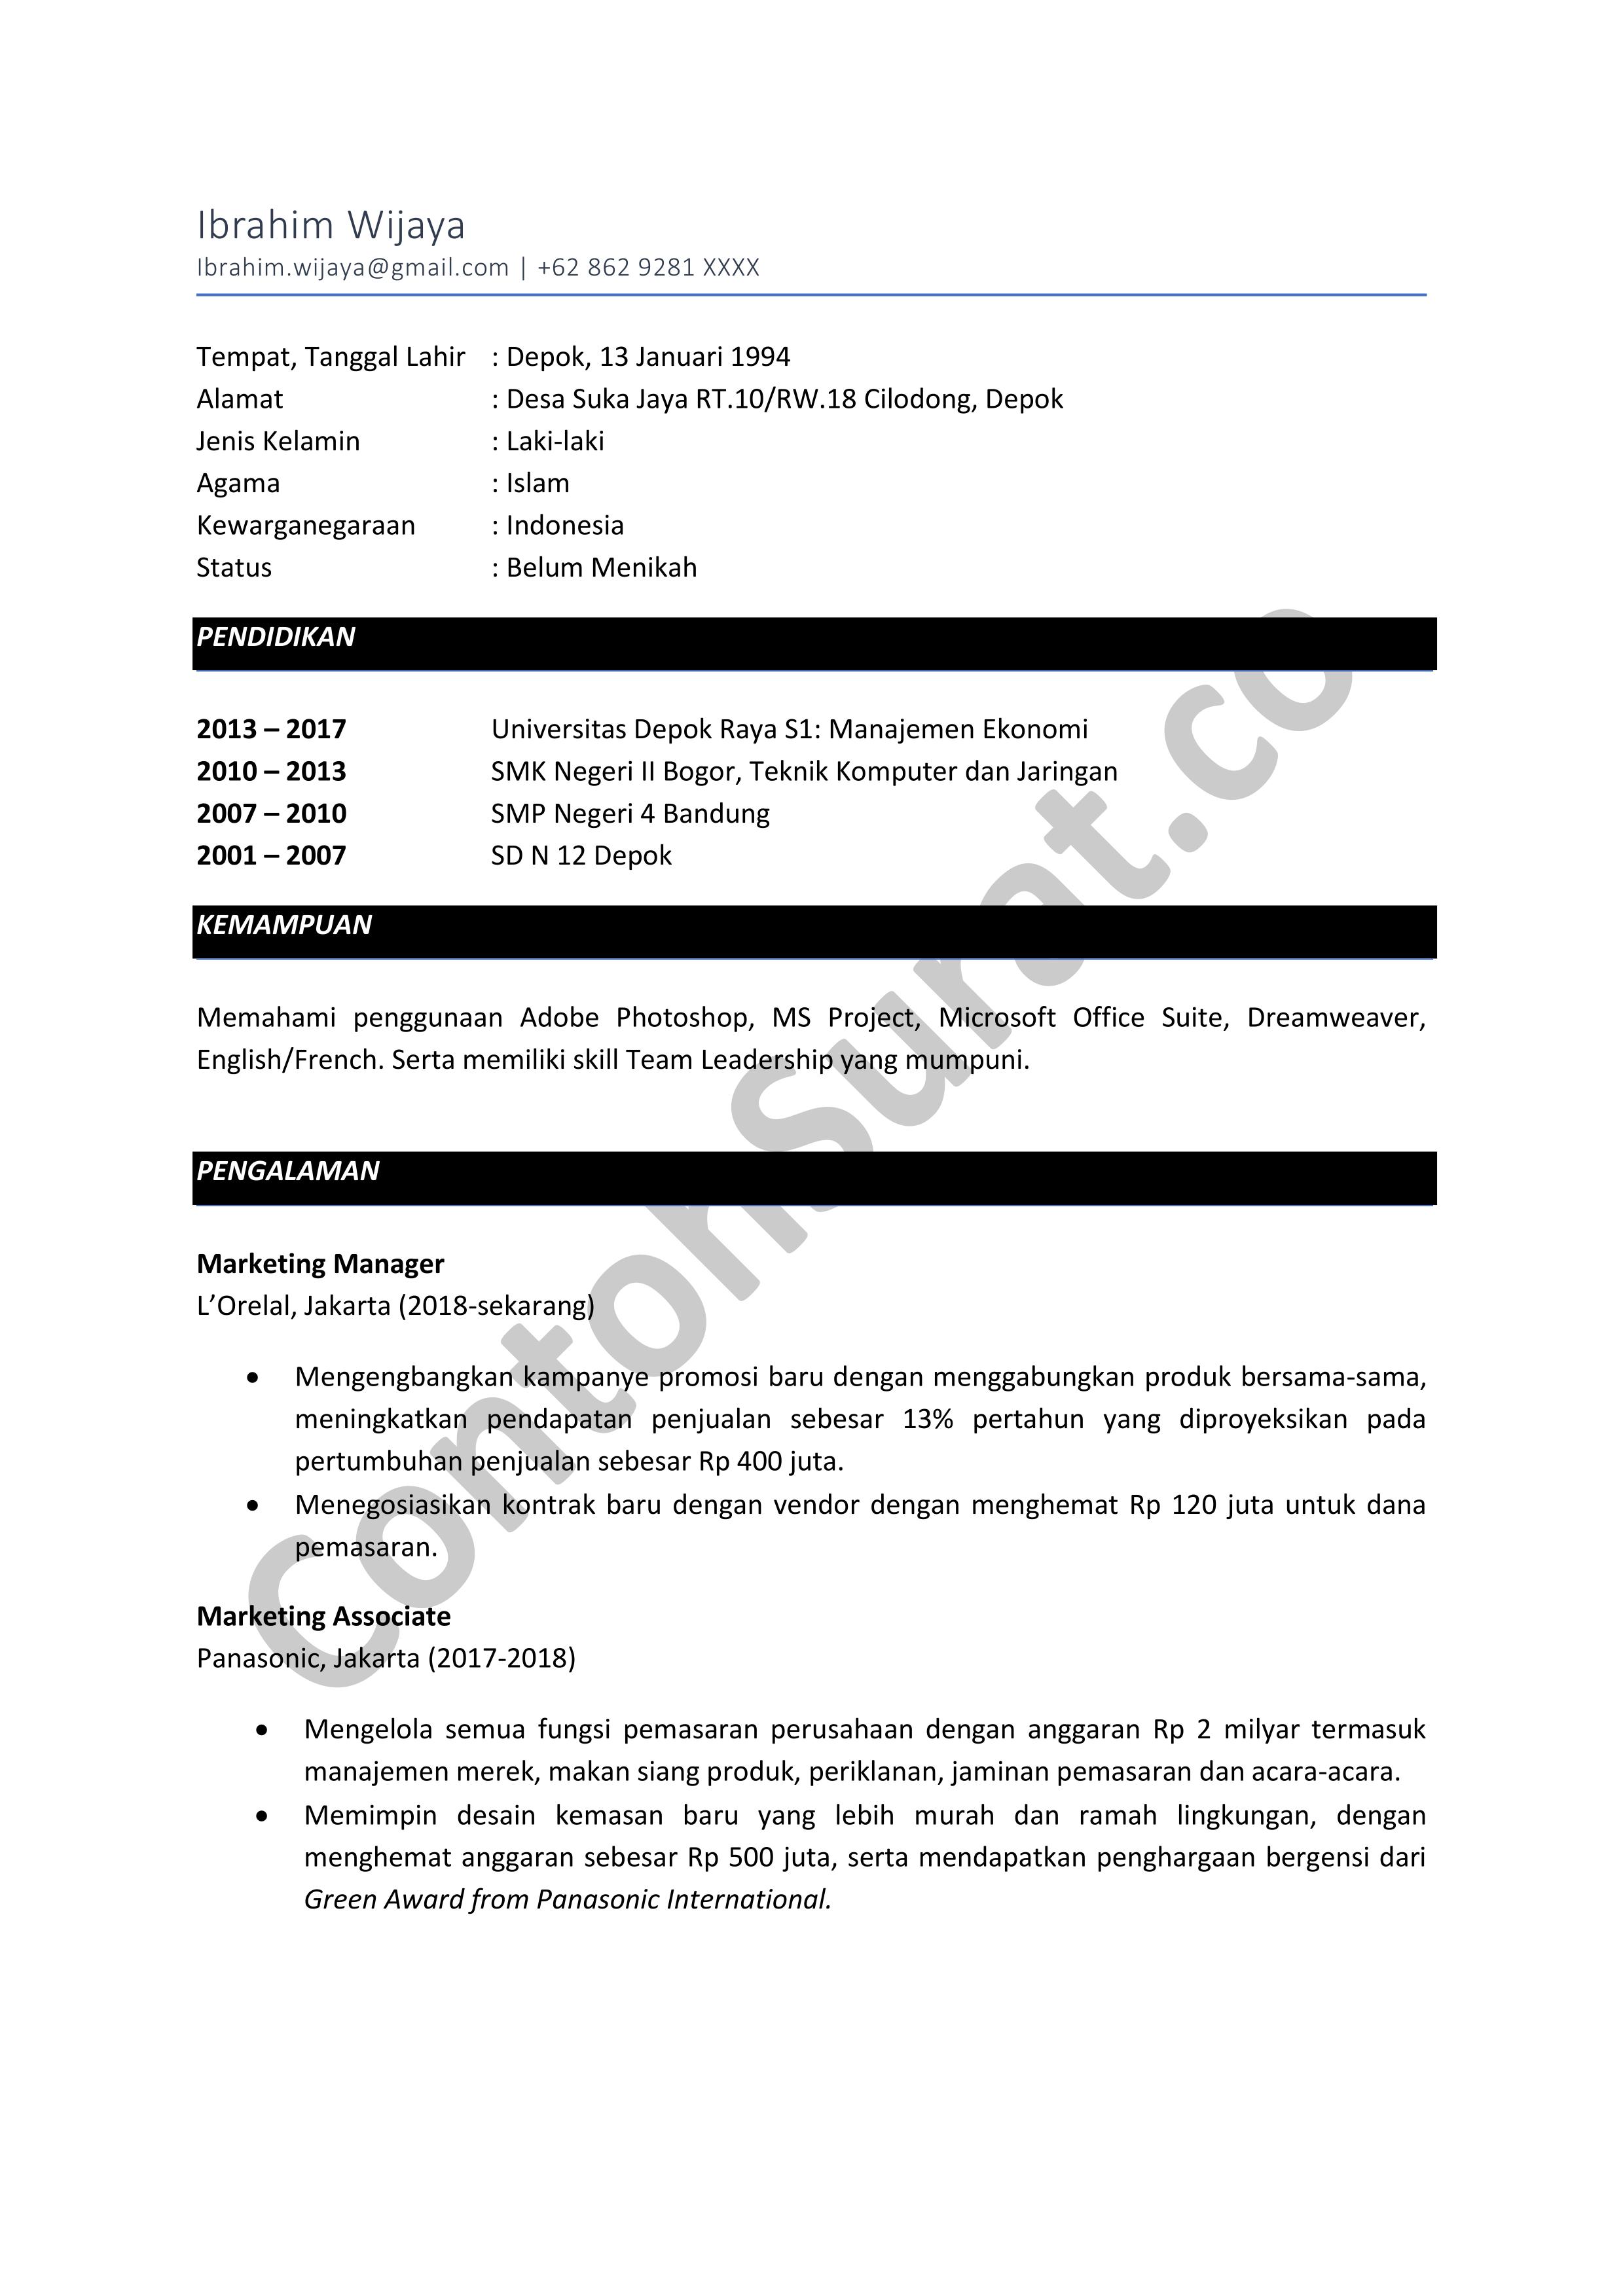 Contoh CV Lamaran Sebagai Staff Marketing